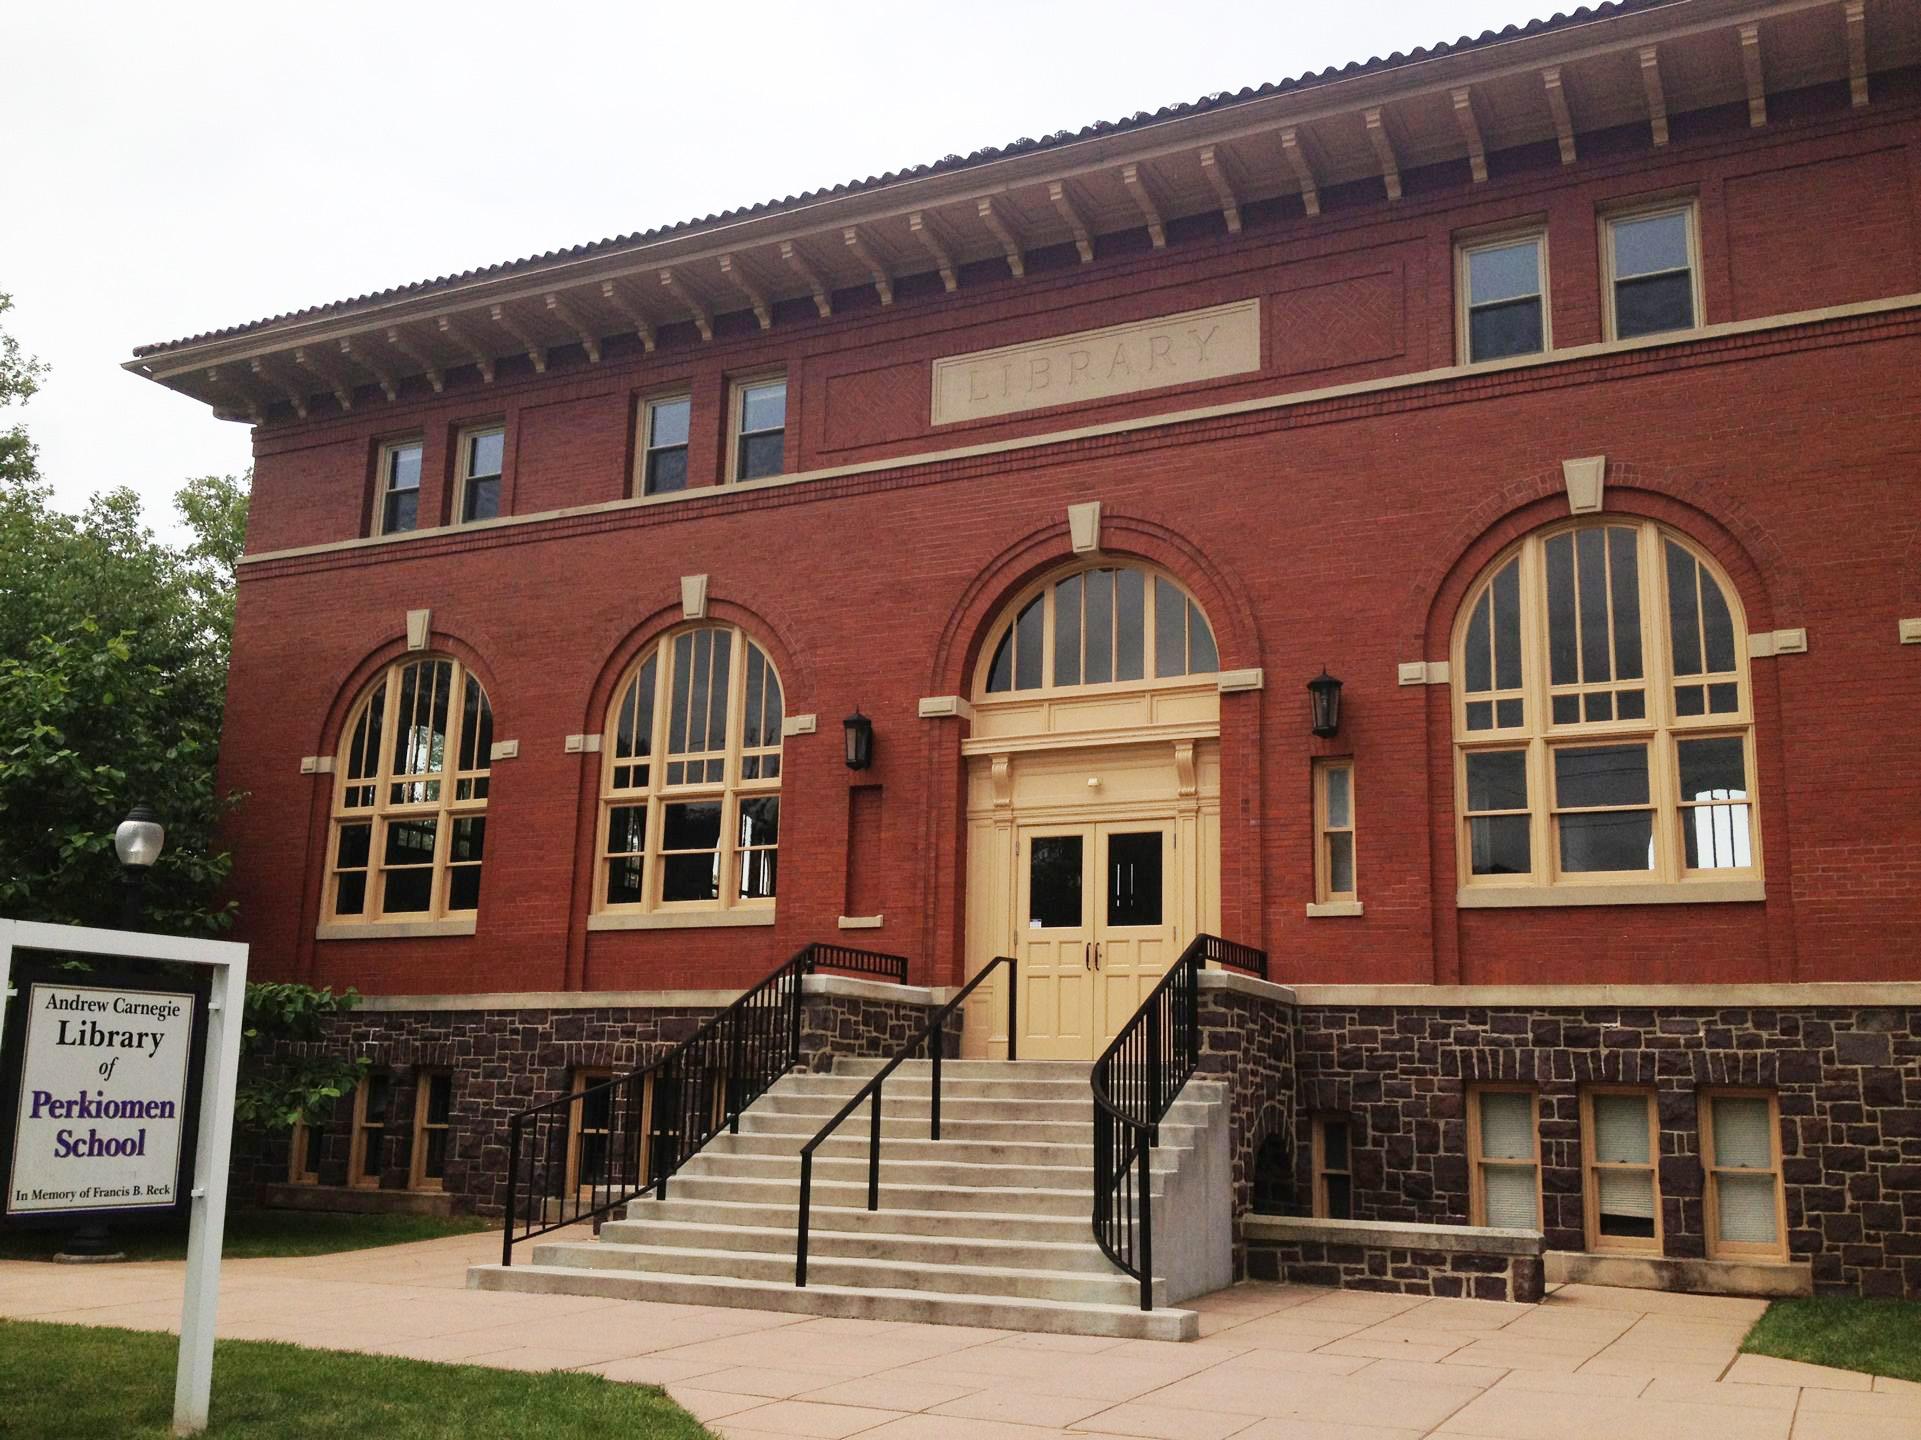 Pennsylvania - Trường Trung Học Nội Trú Perkiomen School - USA